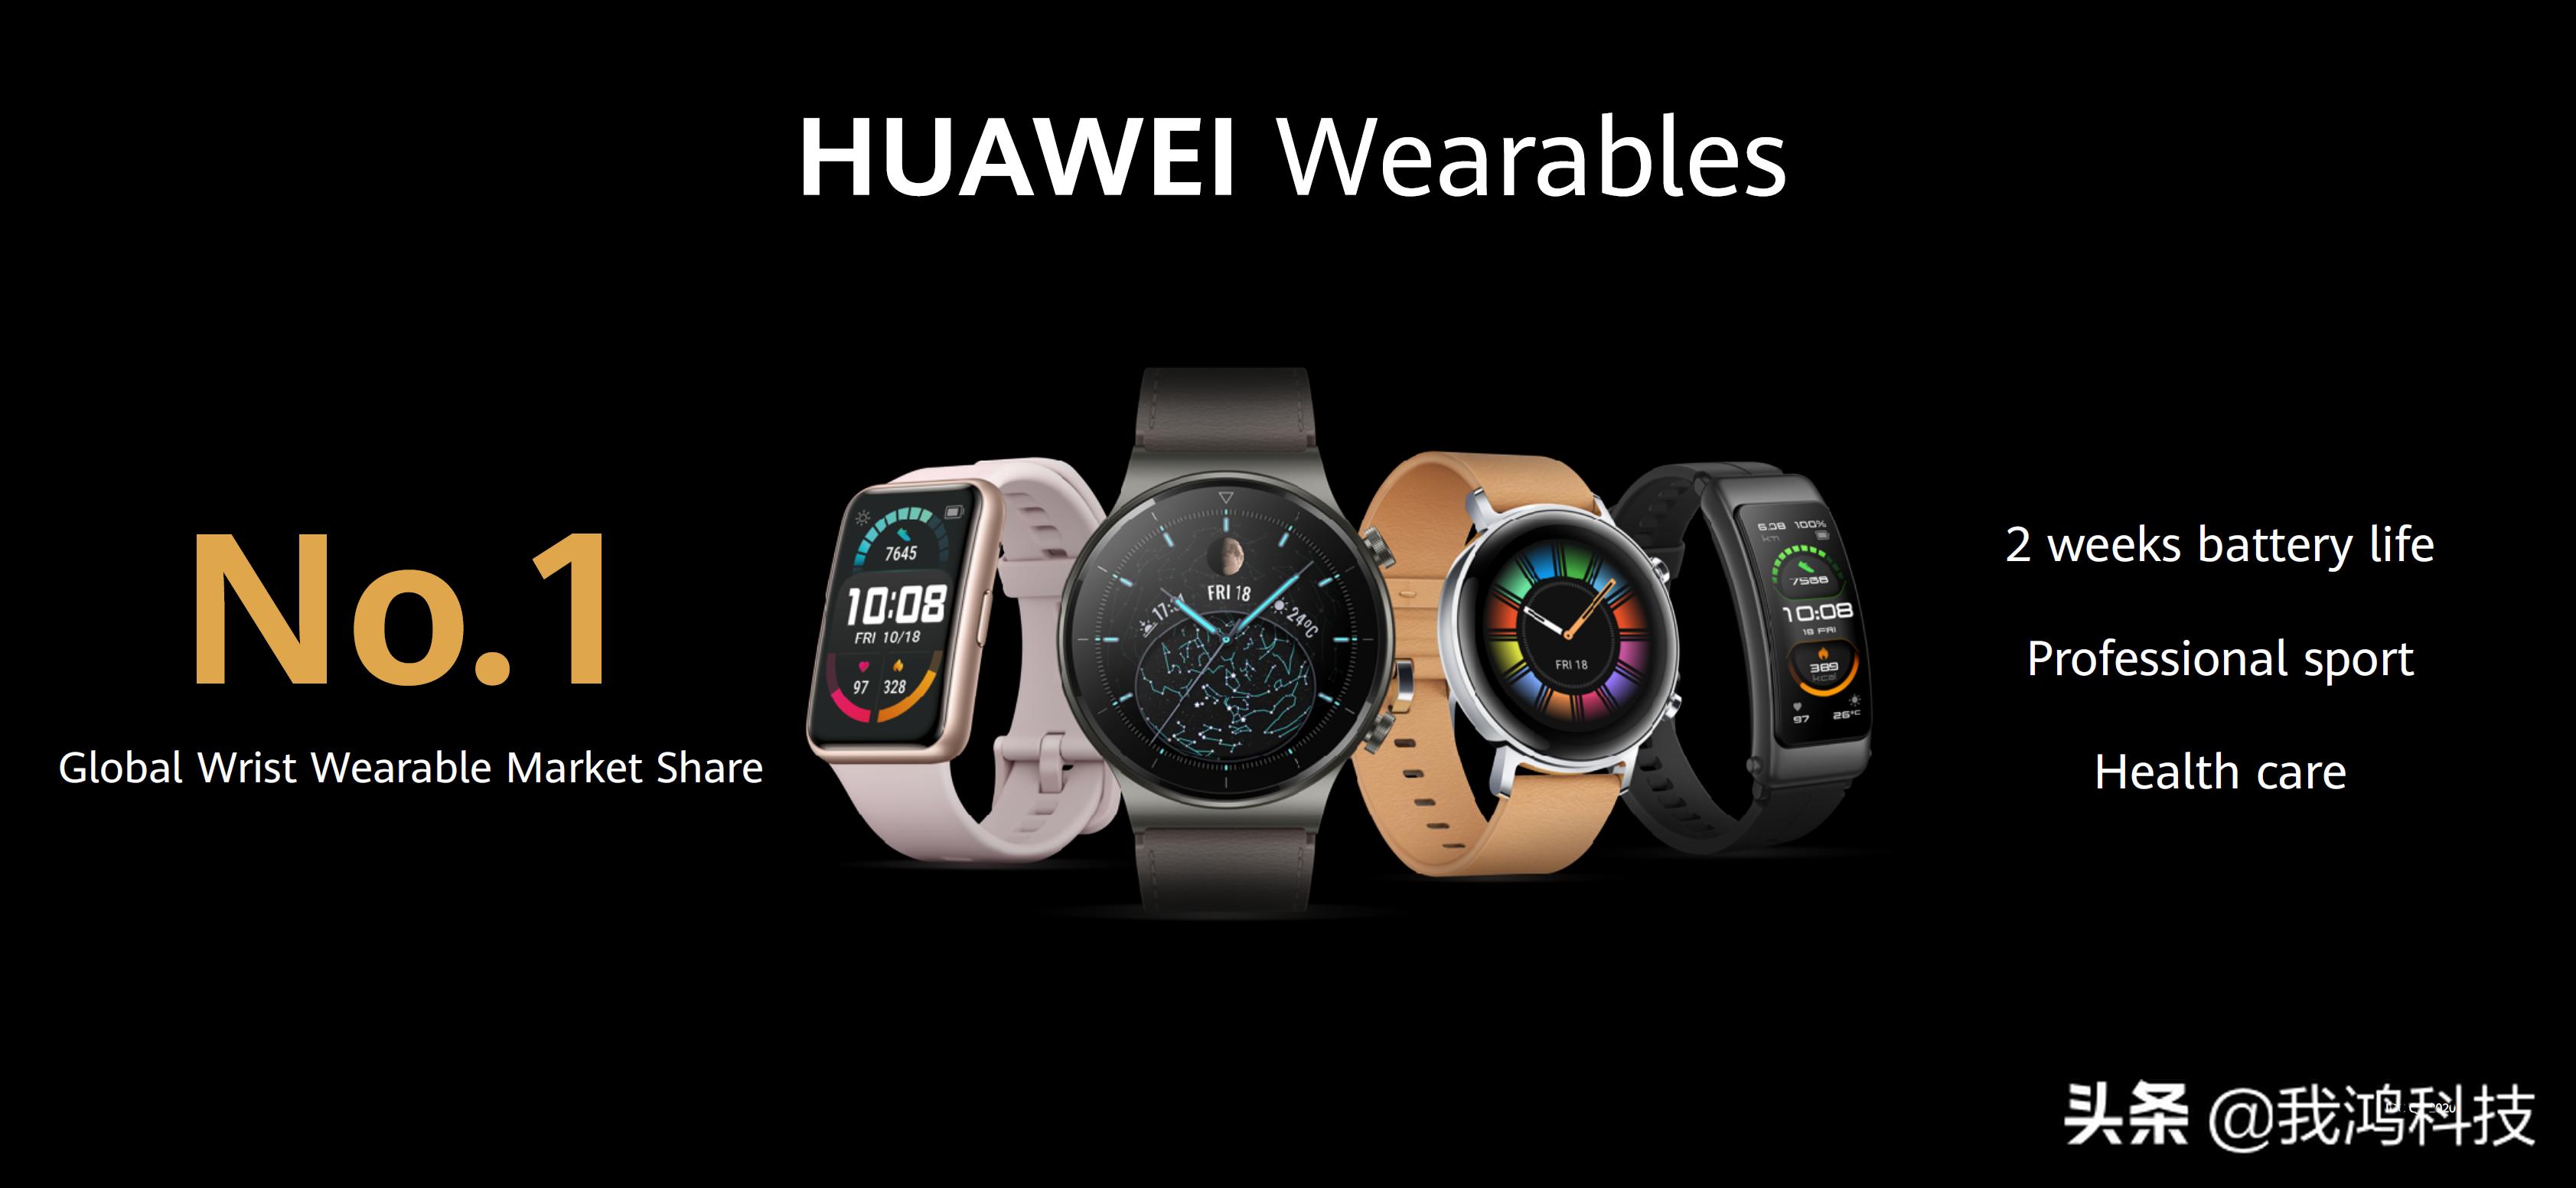 华为WATCH GT系列首款保时捷设计款:高端智能手表来了